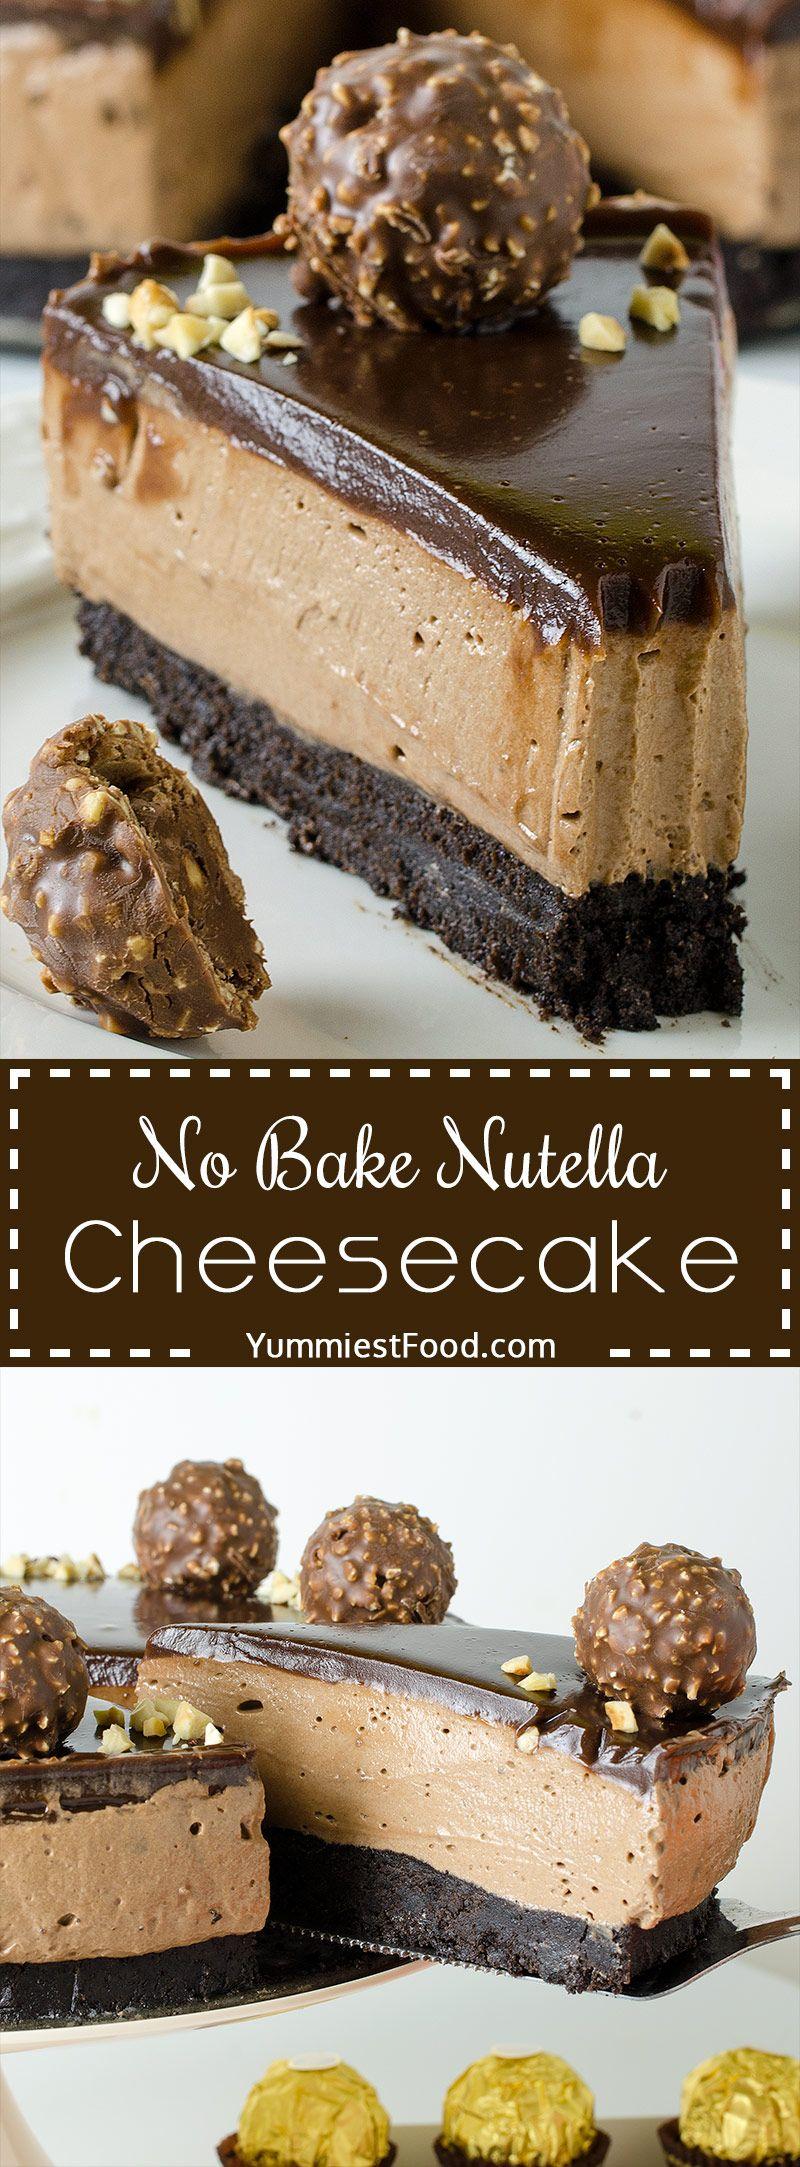 No Bake Nutella Cheesecake Recipe Nutella Cheesecake Recipes Easy Cheesecake Easy Cheesecake Recipes